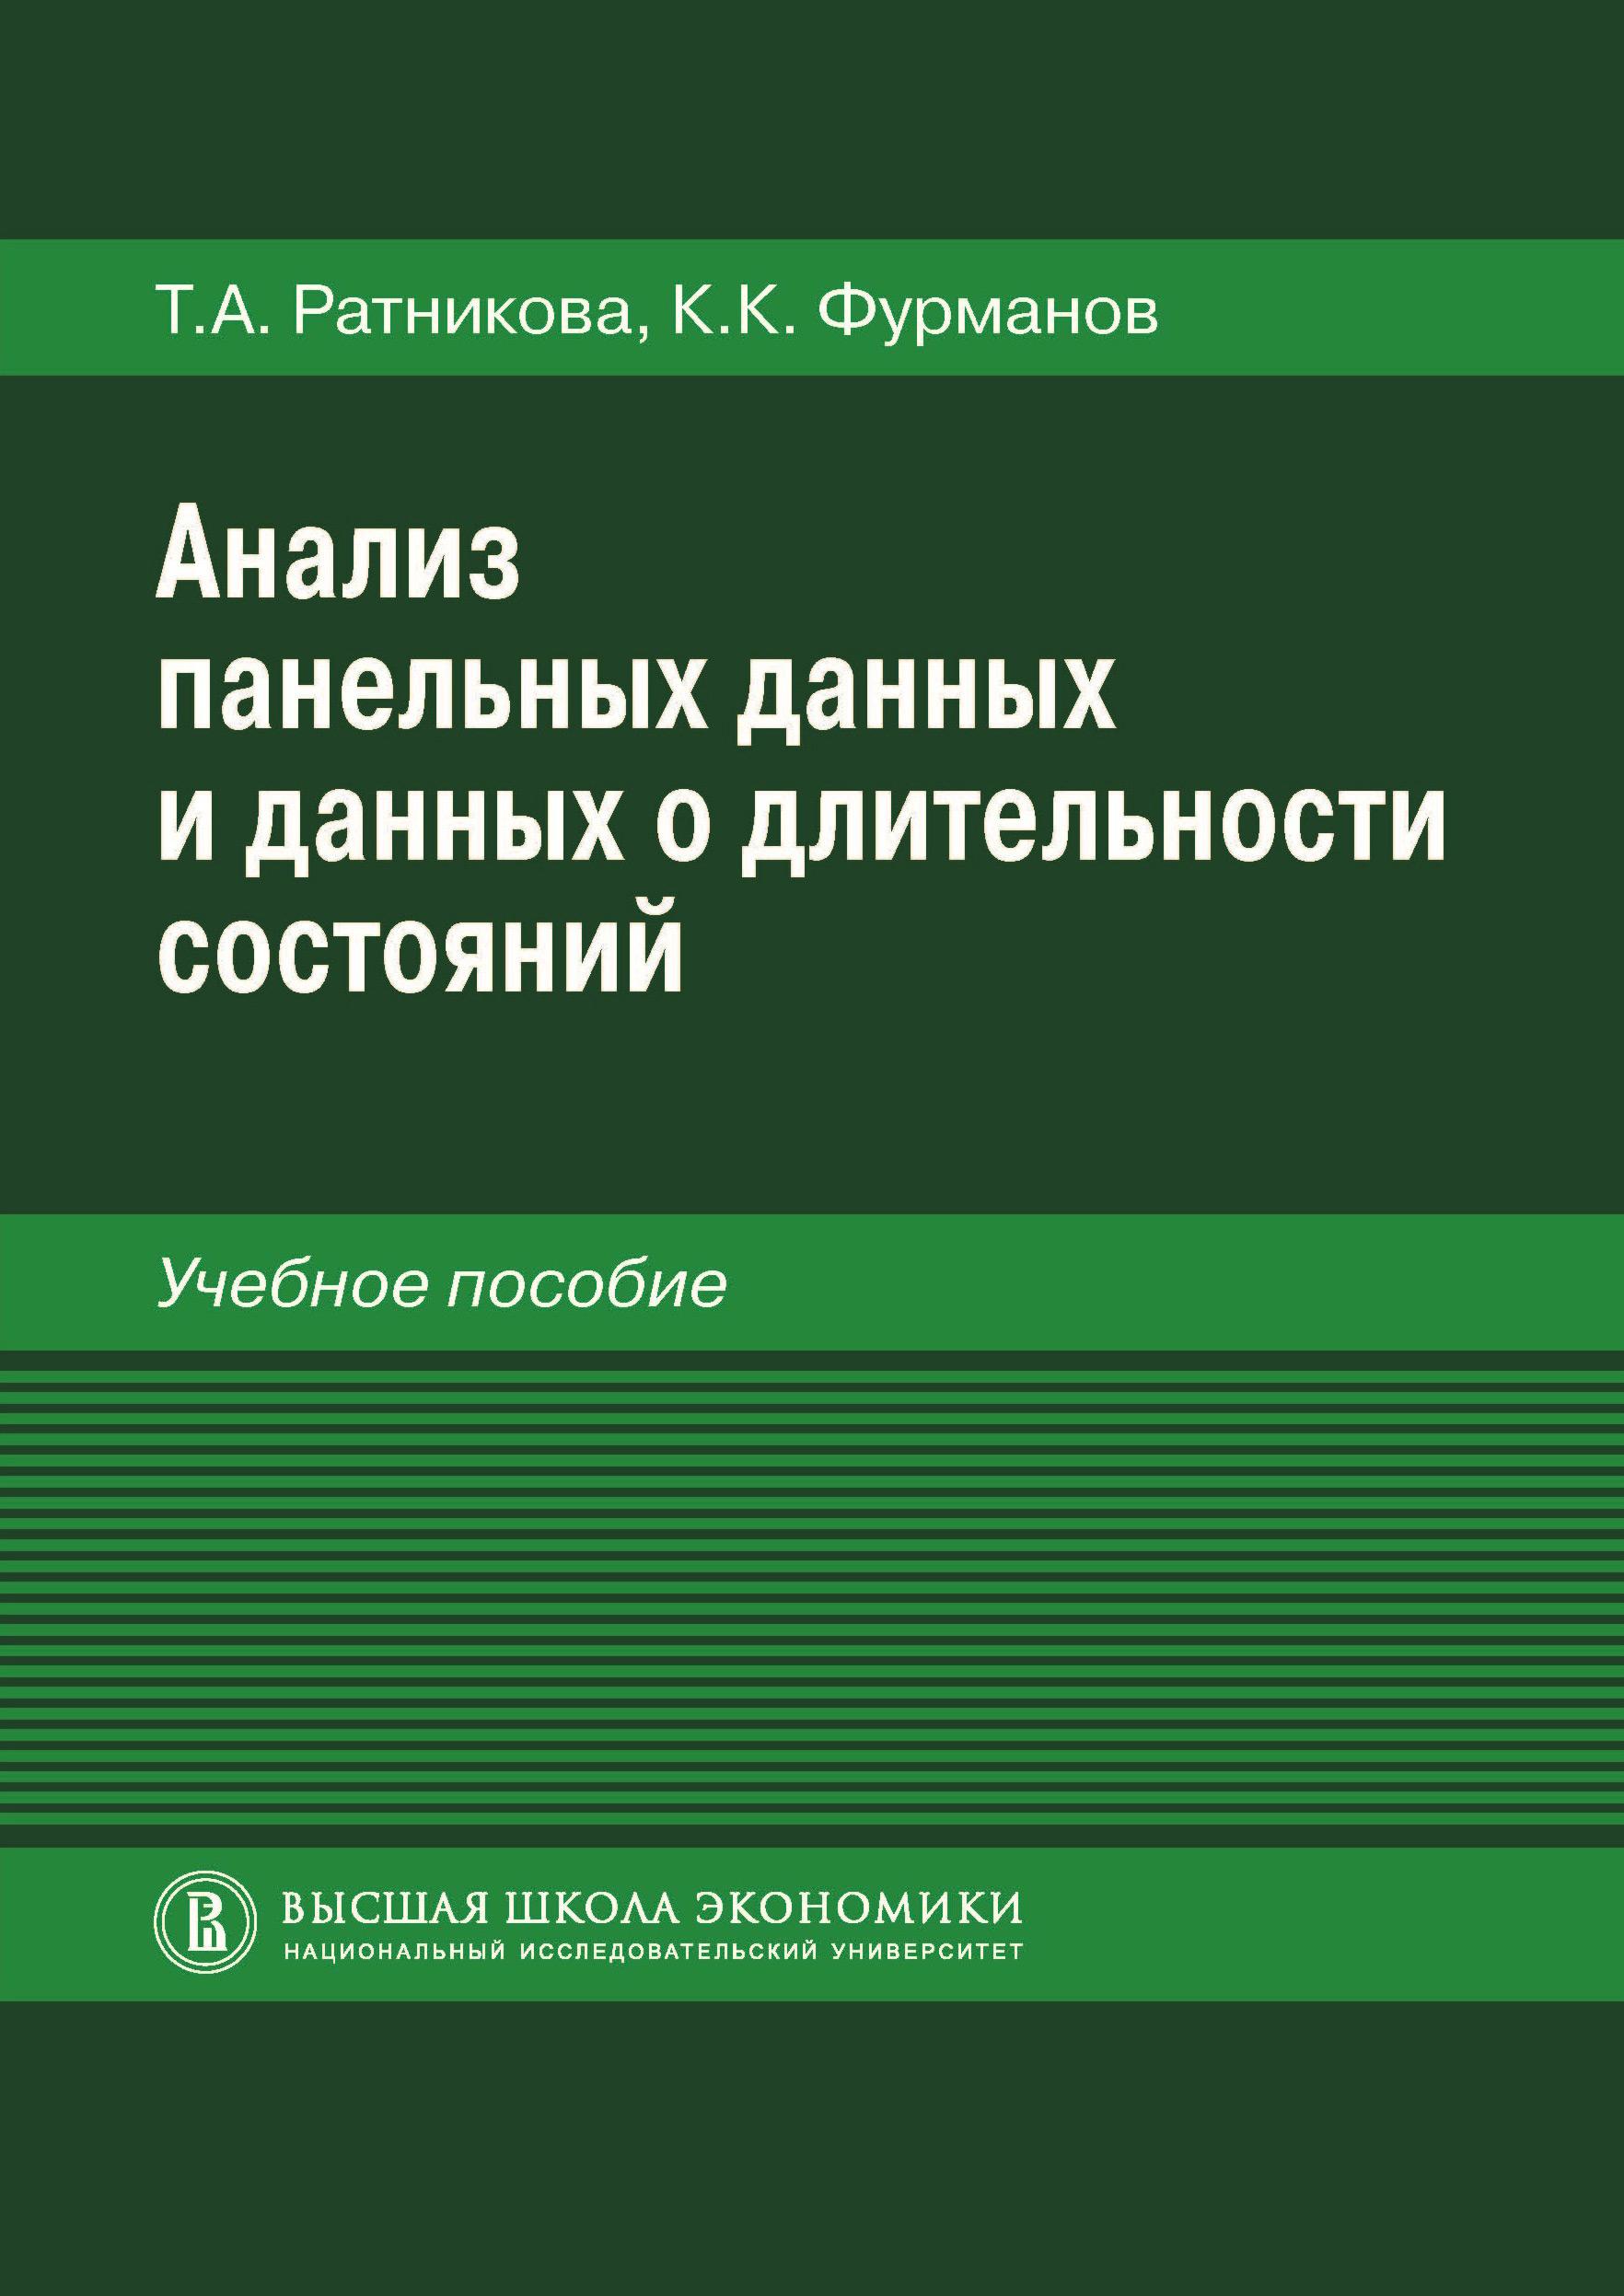 К. К. Фурманов Анализ панельных данных и данных о длительности состояний